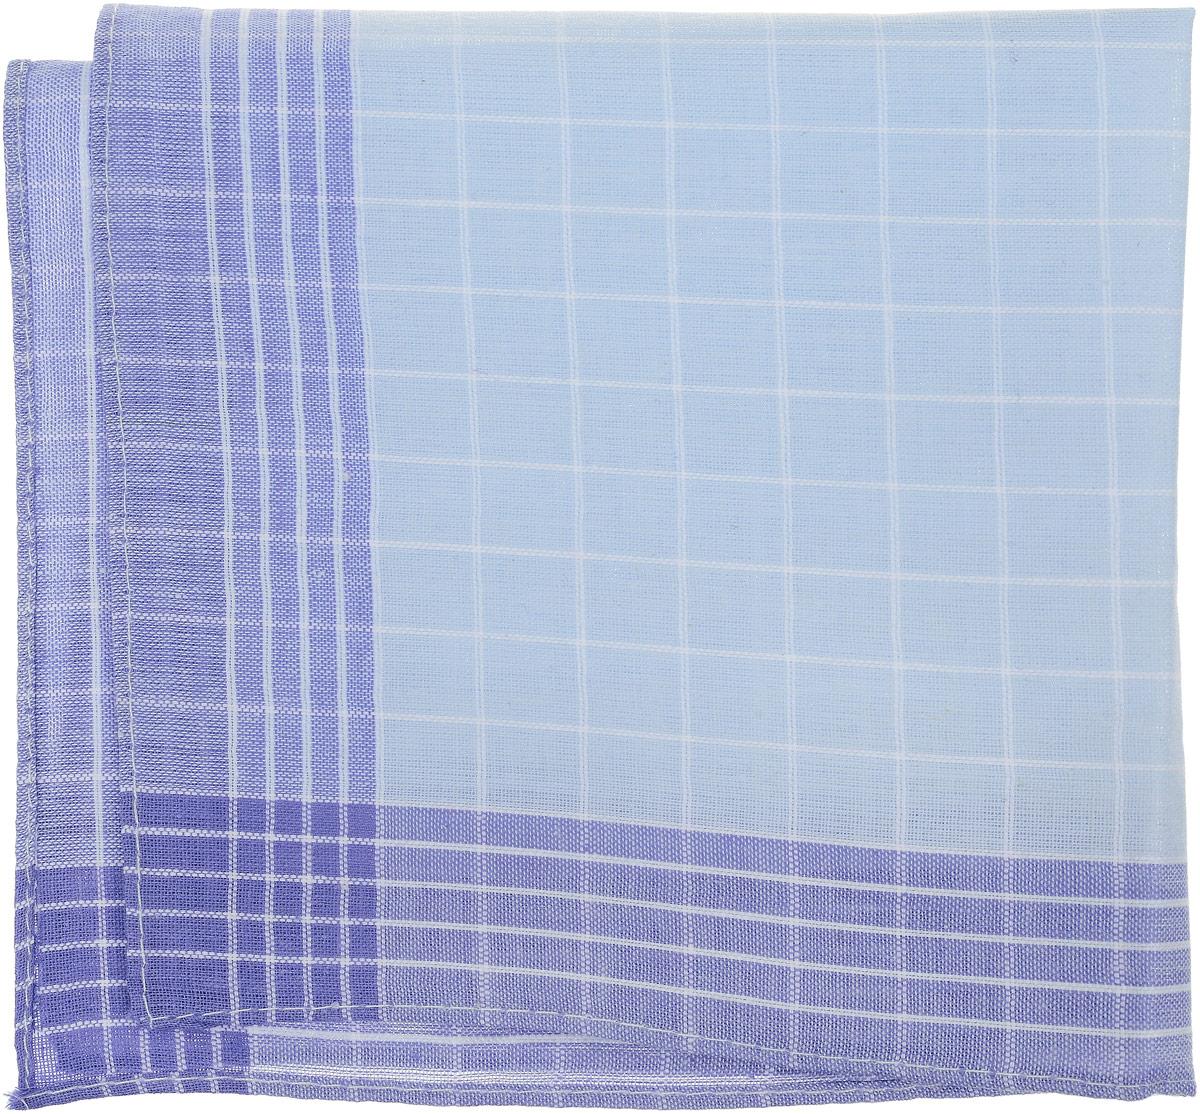 Платок носовой женский Zlata Korunka, цвет: синий, голубой. 71417. Размер 27 х 27 см, 4 штСерьги с подвескамиНосовой платок Zlata Korunka изготовлен из высококачественного натурального хлопка, благодаря чему приятен в использовании, хорошо стирается, не садится и отлично впитывает влагу. Практичный и изящный носовой платок будет незаменим в повседневной жизни любого современного человека. Такой платок послужит стильным аксессуаром и подчеркнет ваше превосходное чувство вкуса.В комплекте 4 платка.